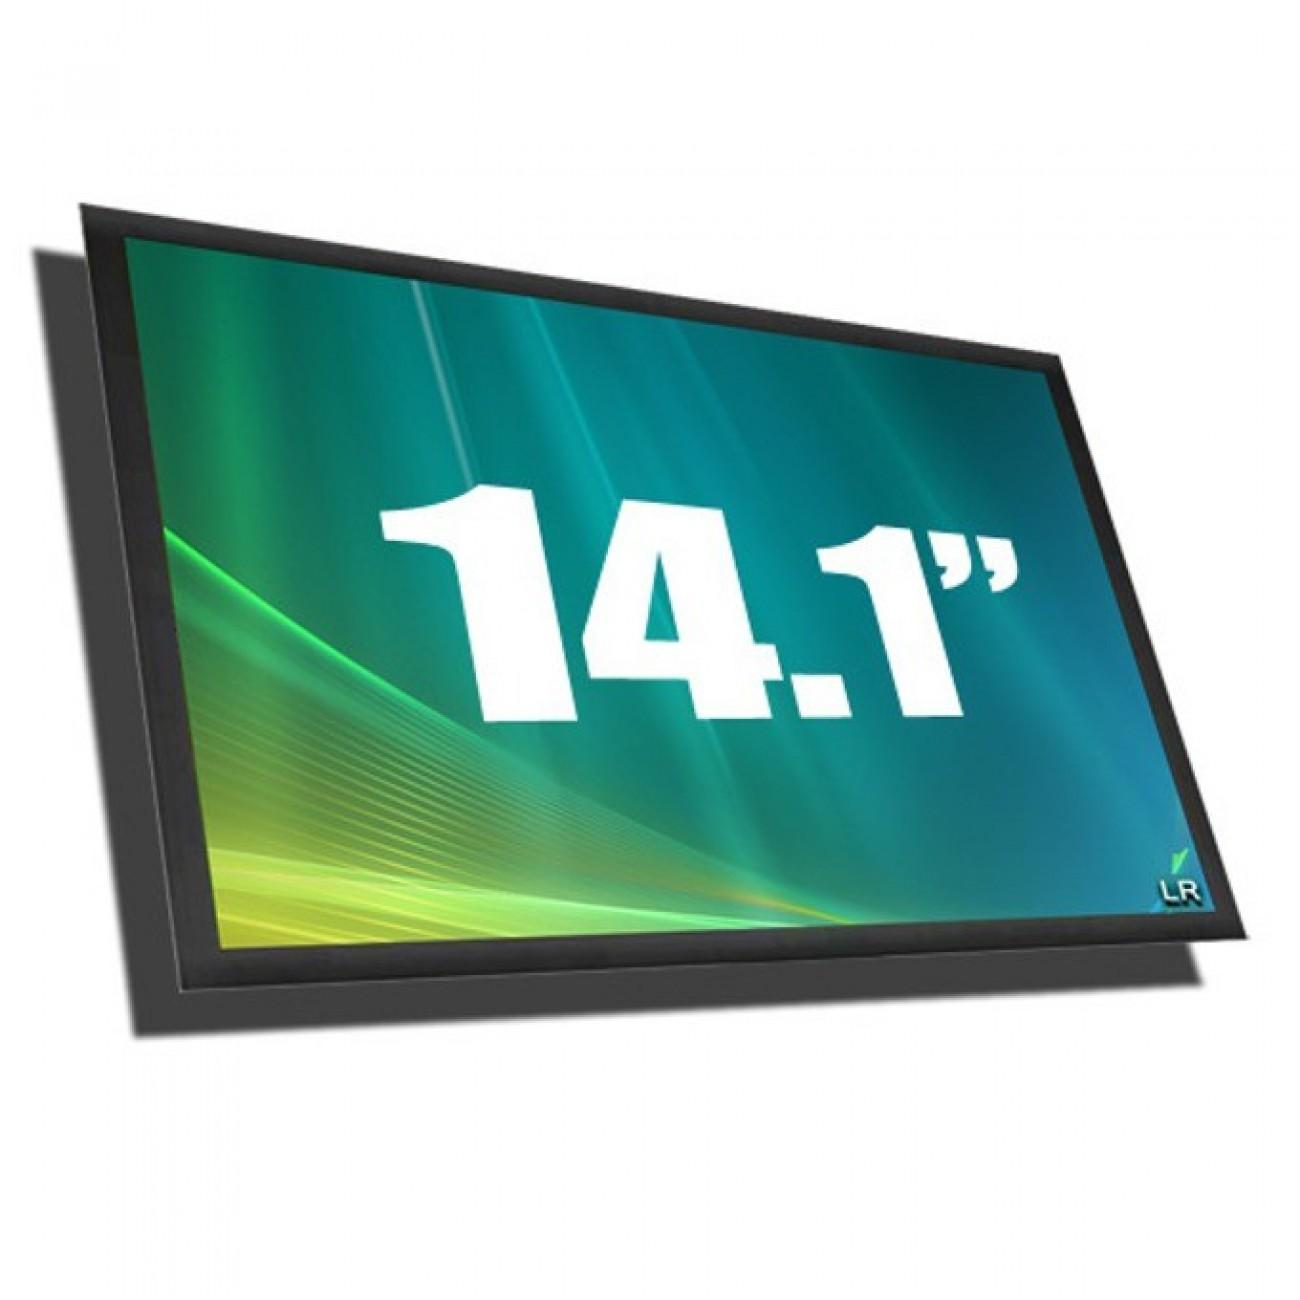 Матрица за лаптоп LG LP141WP1-TLC1, 14.1 (35.81 cm) WXGA+ 1440 x 900 pix., гланц в Резервни части -  | Alleop